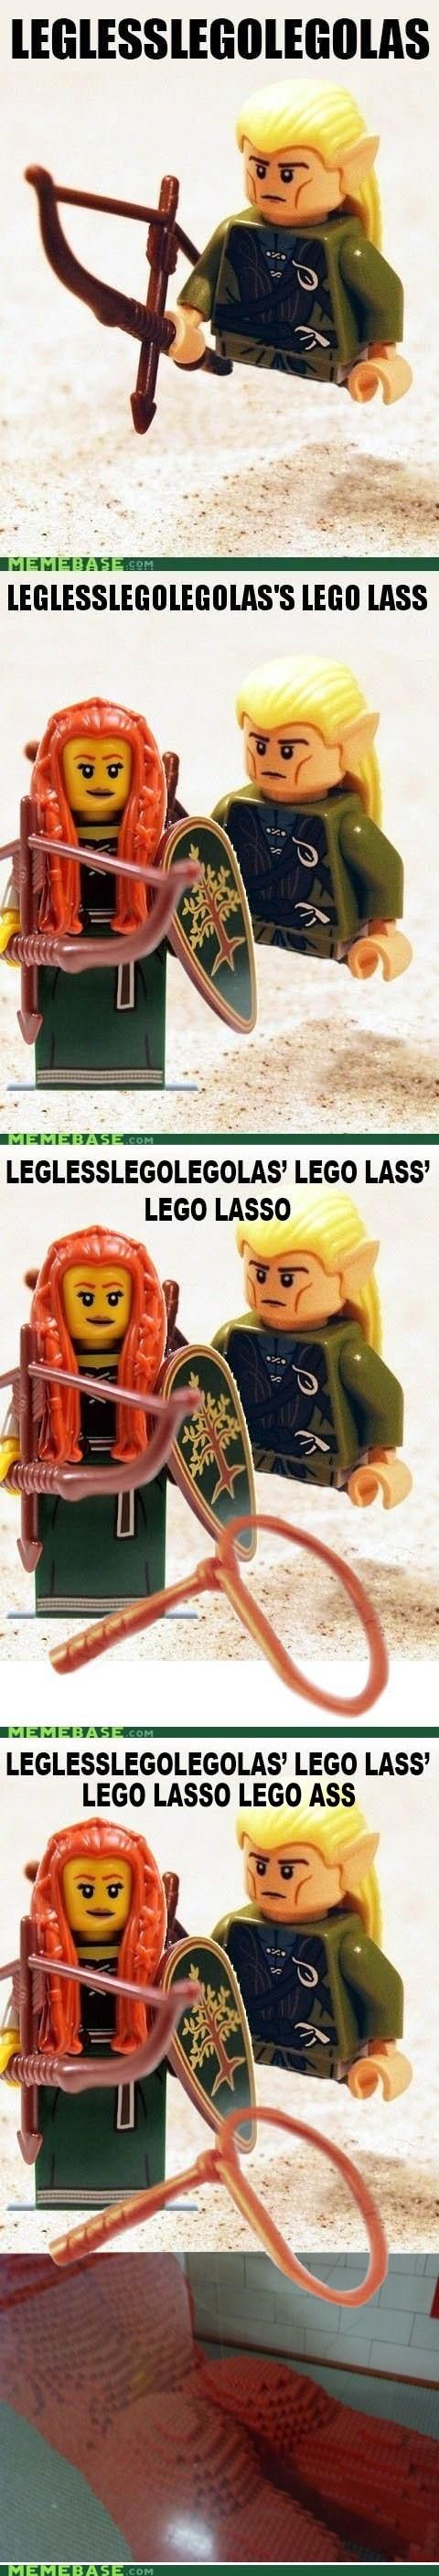 Lego My Lego